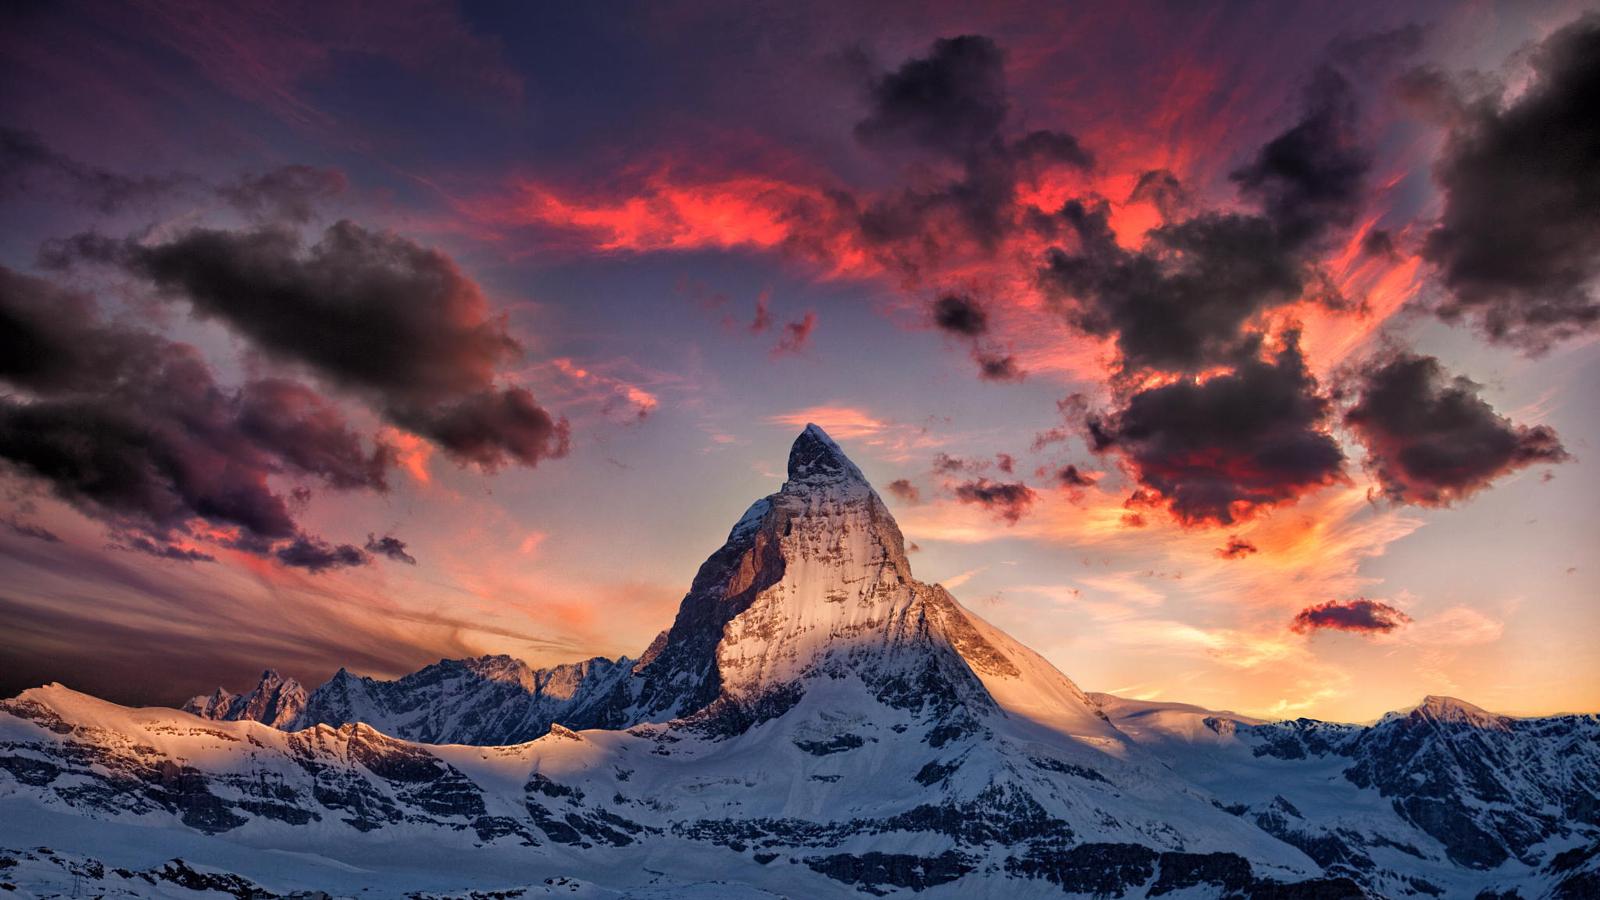 Самое интересное : Красота природы на фотографиях, которые дышат свободой